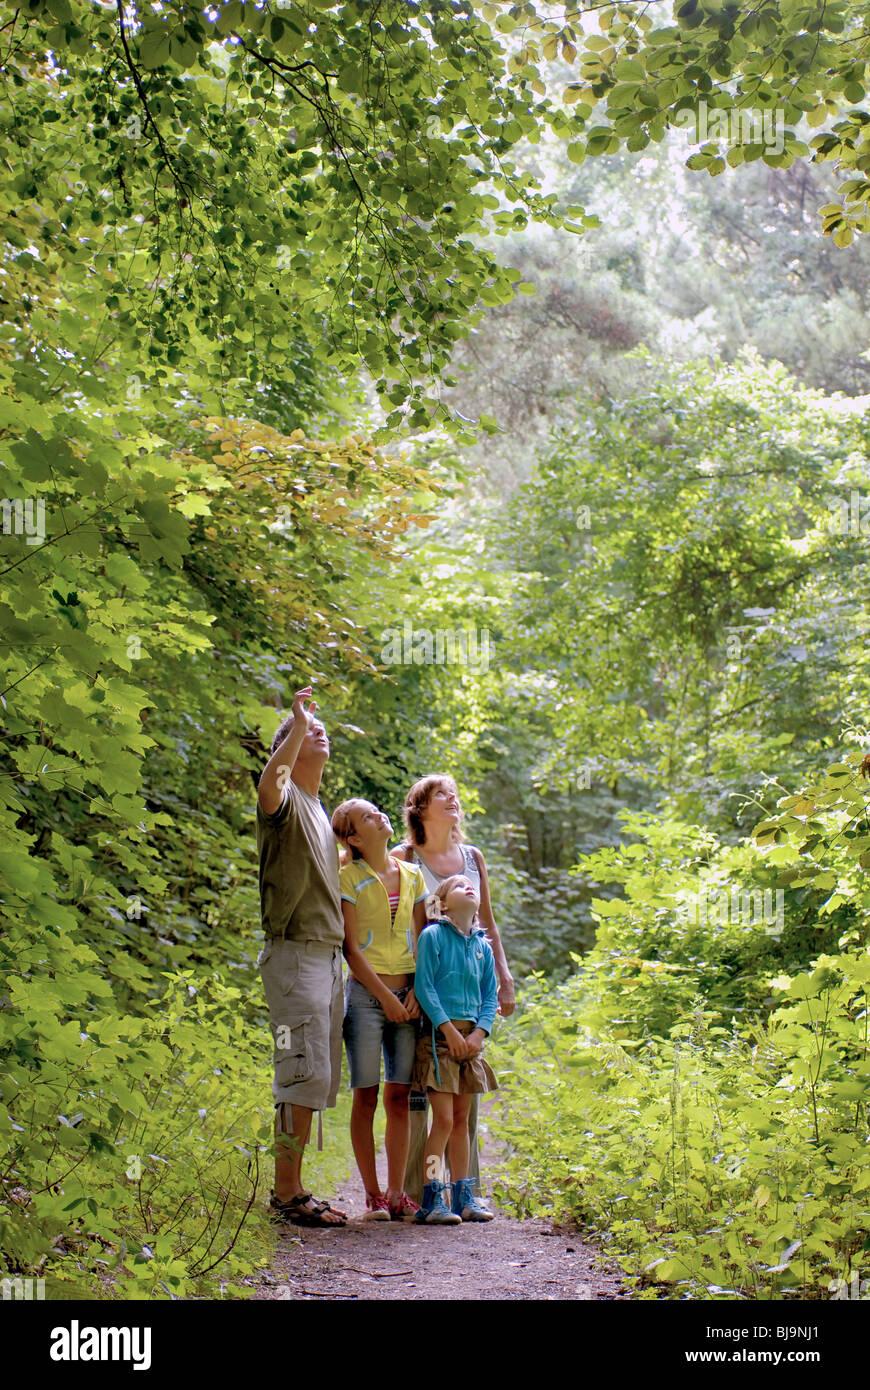 Par de 30 niños de 40 años a las niñas de 12 a 10 años estudiar divertido ocio relajarse paseando Imagen De Stock